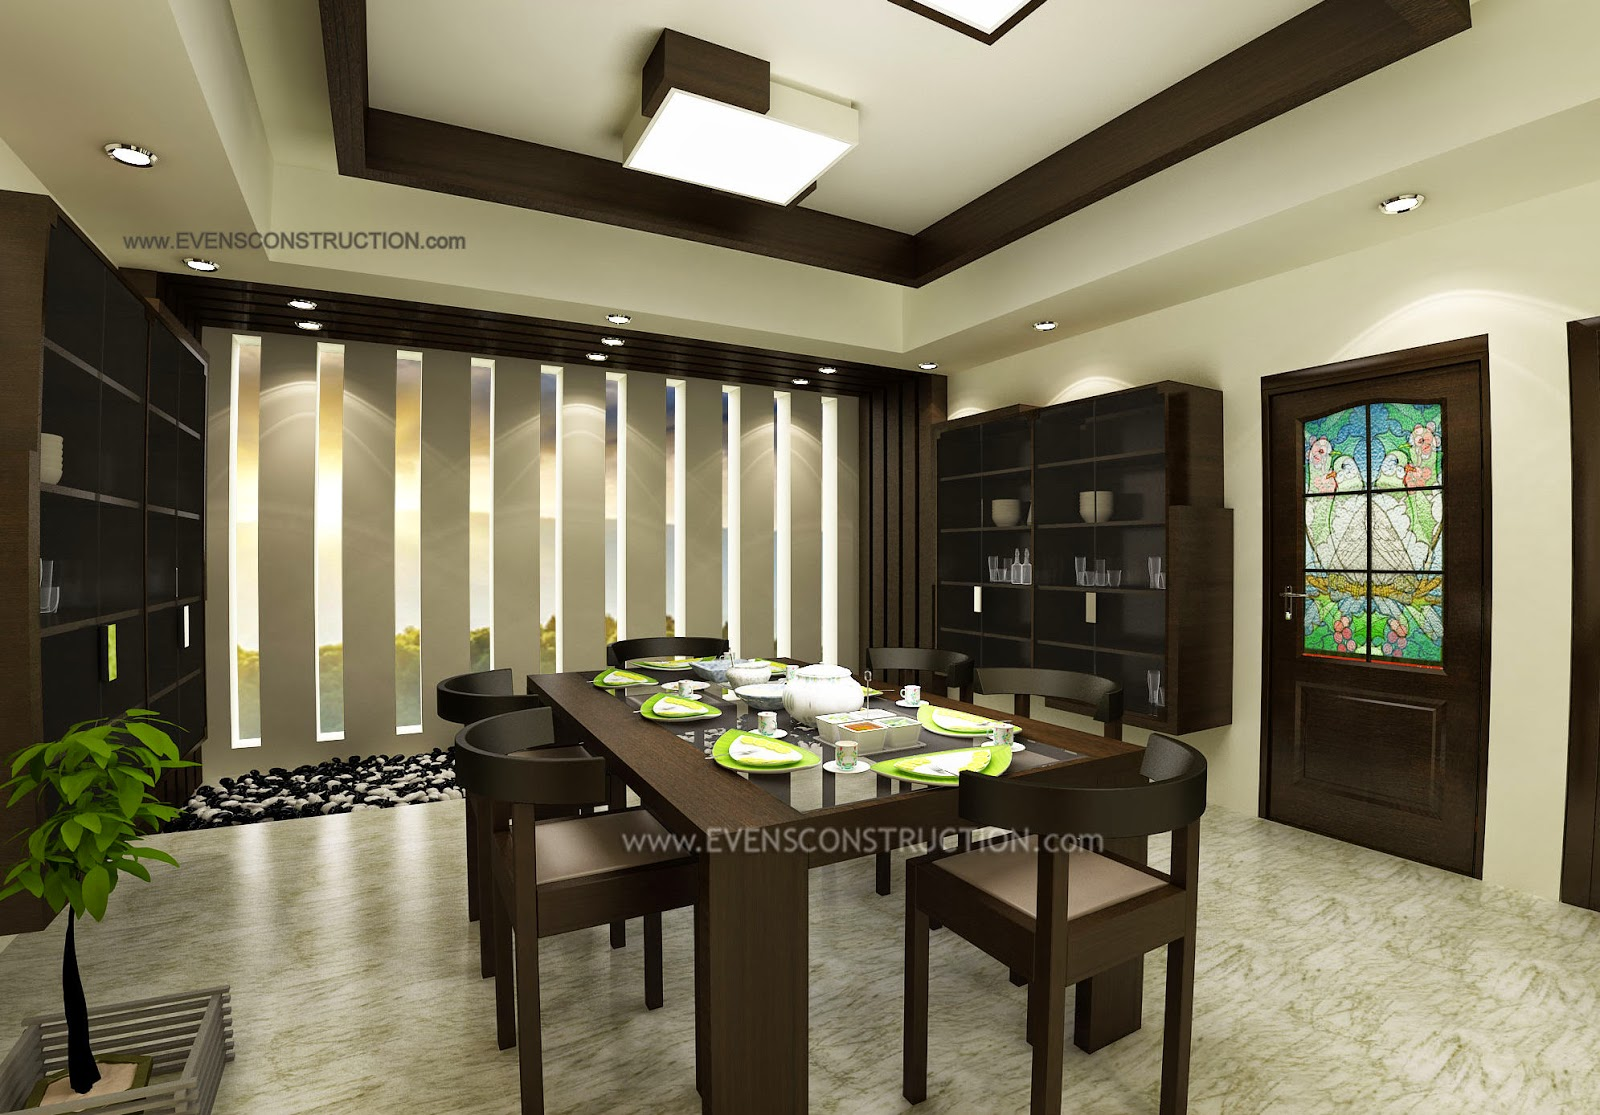 Evens Construction Pvt Ltd Modern dining room